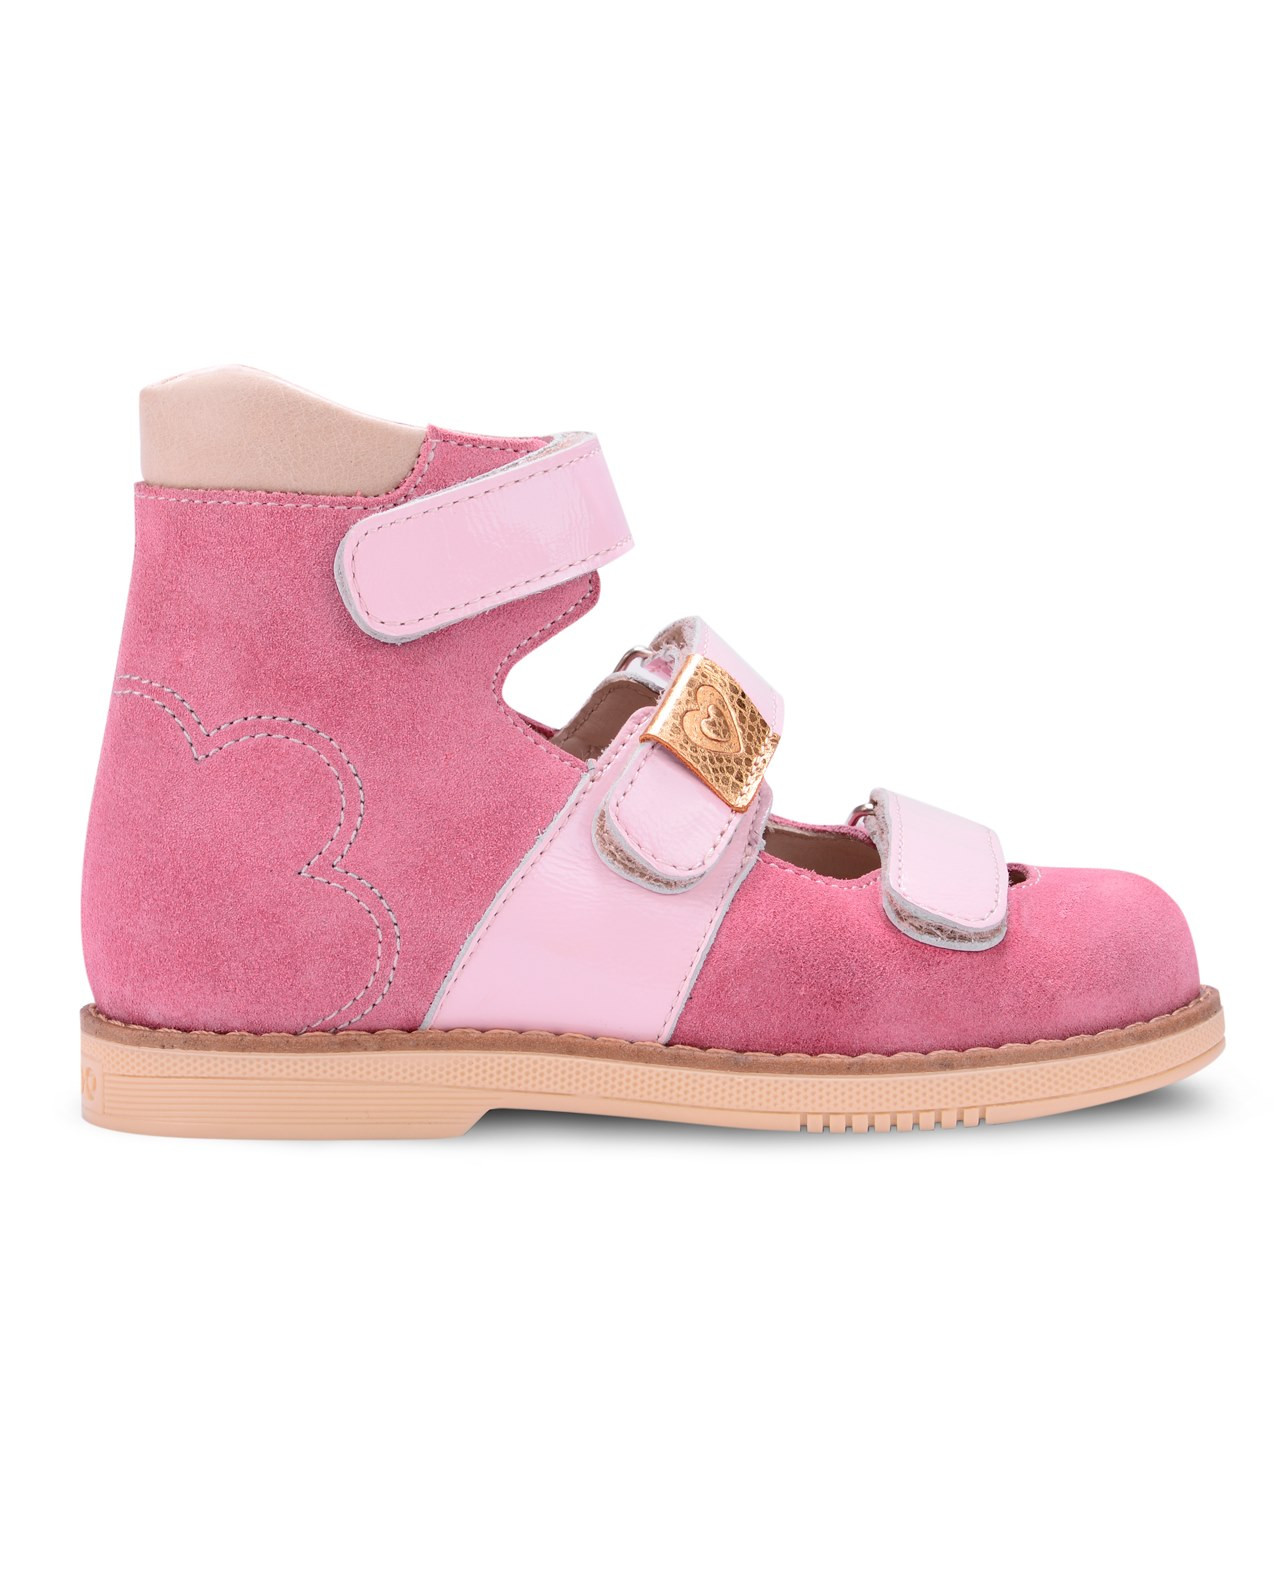 Сандалии Детские, Tapiboo Кораллы (48766, 30 )Сандалии<br>Эти ортопедические туфли разработаны для <br>коррекции стоп при вальгусной деформации, <br>а также для профилактики плоскостопия. <br>Применение данной модели рекомендовано <br>детям при наличии сформировавшихся деформаций. <br>При применении данной обуви необходимо <br>использование индивидуальных ортопедических <br>стелек по назначению врача-ортопеда. Жесткий <br>фиксирующий задник увеличенной высоты <br>и возможность регулировки полноты тремя <br>застежками велкро обеспечивают необходимую <br>фиксацию голеностопа в правильном положении. <br>Широкий, устойчивый каблук, специальной <br>конфигурации каблук Томаса. Подкладка из <br>кожи теленка без швов. Кожа теленка обладает <br>повышенной износостойкостью в сочетании <br>с мягкостью и отличной способностью пропускать <br>воздух для создания оптимального температурного <br>режима (нога не потеет). На стельке нет выкладки <br>продольного свода (супинатора), модель предназначена <br>для использования с вкладными ортопедическими <br>приспособлениями.<br>Размер INT: M; Цвет: Красный; Ширина: 100; Высота: 200; Вес: 1000;